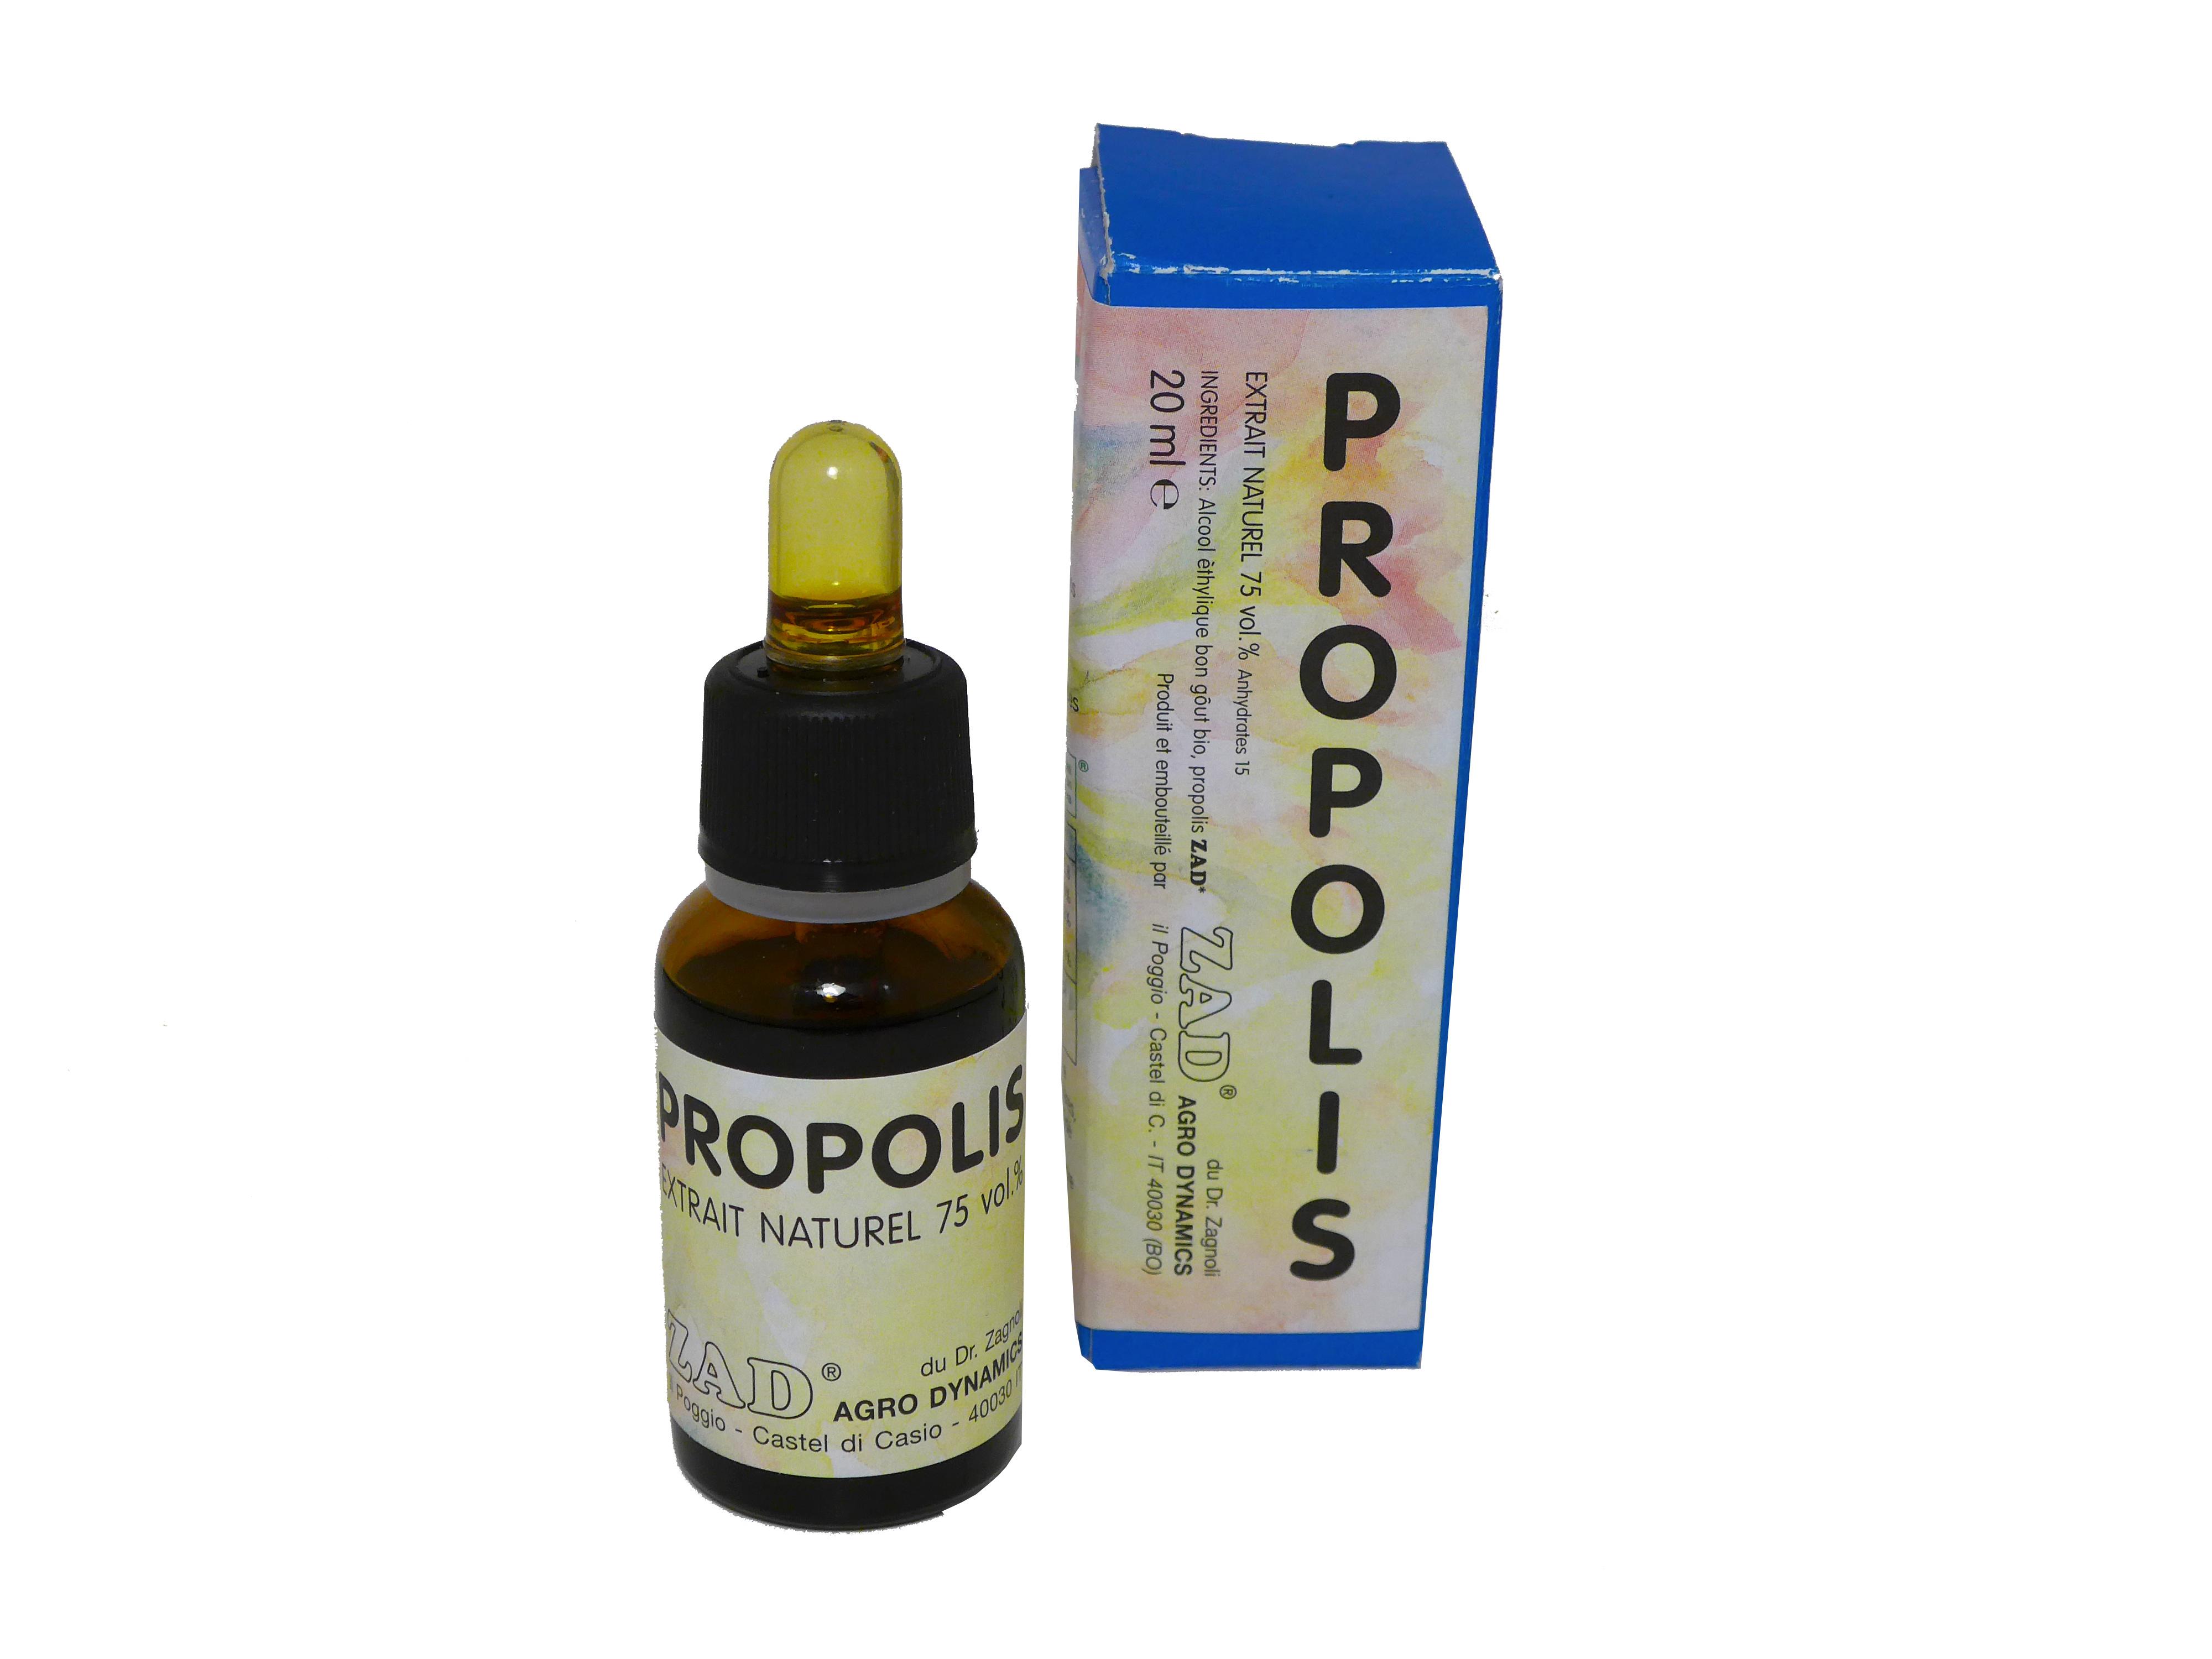 Extrait de propolis pur Bio, Agrodynamics (20 ml)